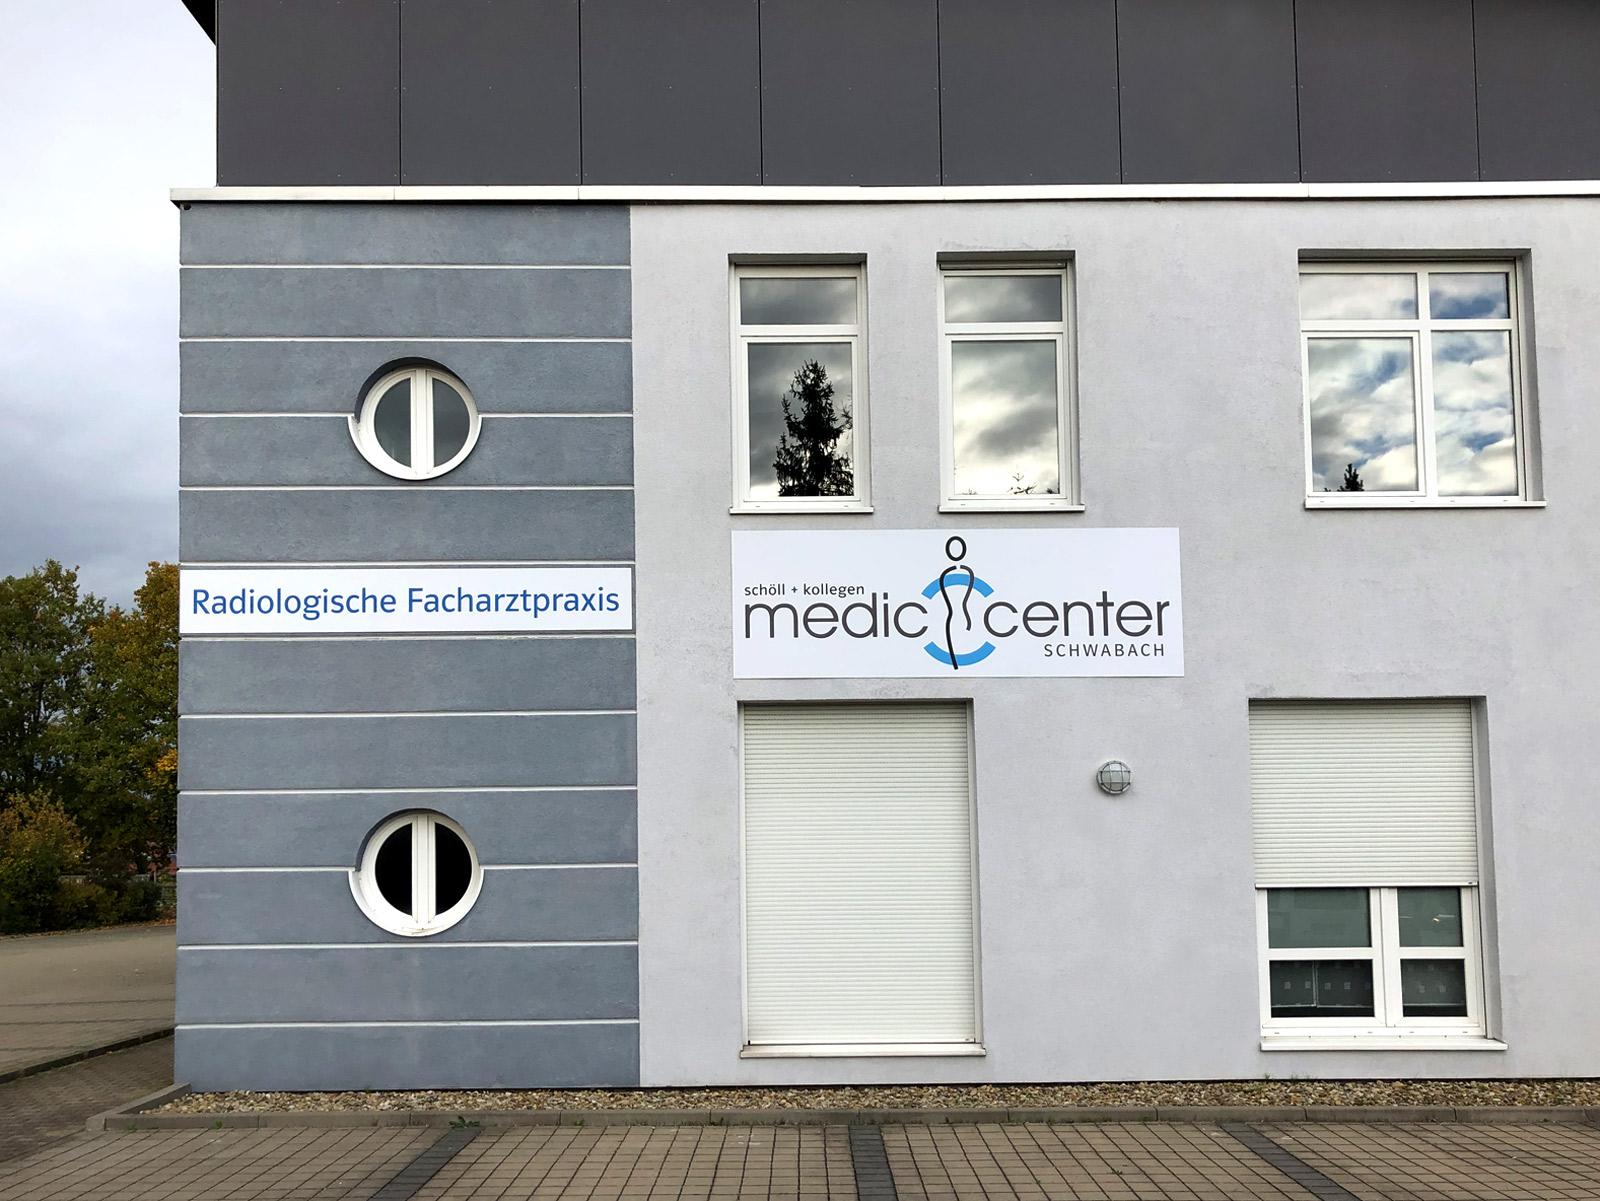 Praxisfassade des Medic Centers Nürnberg in Schwabach